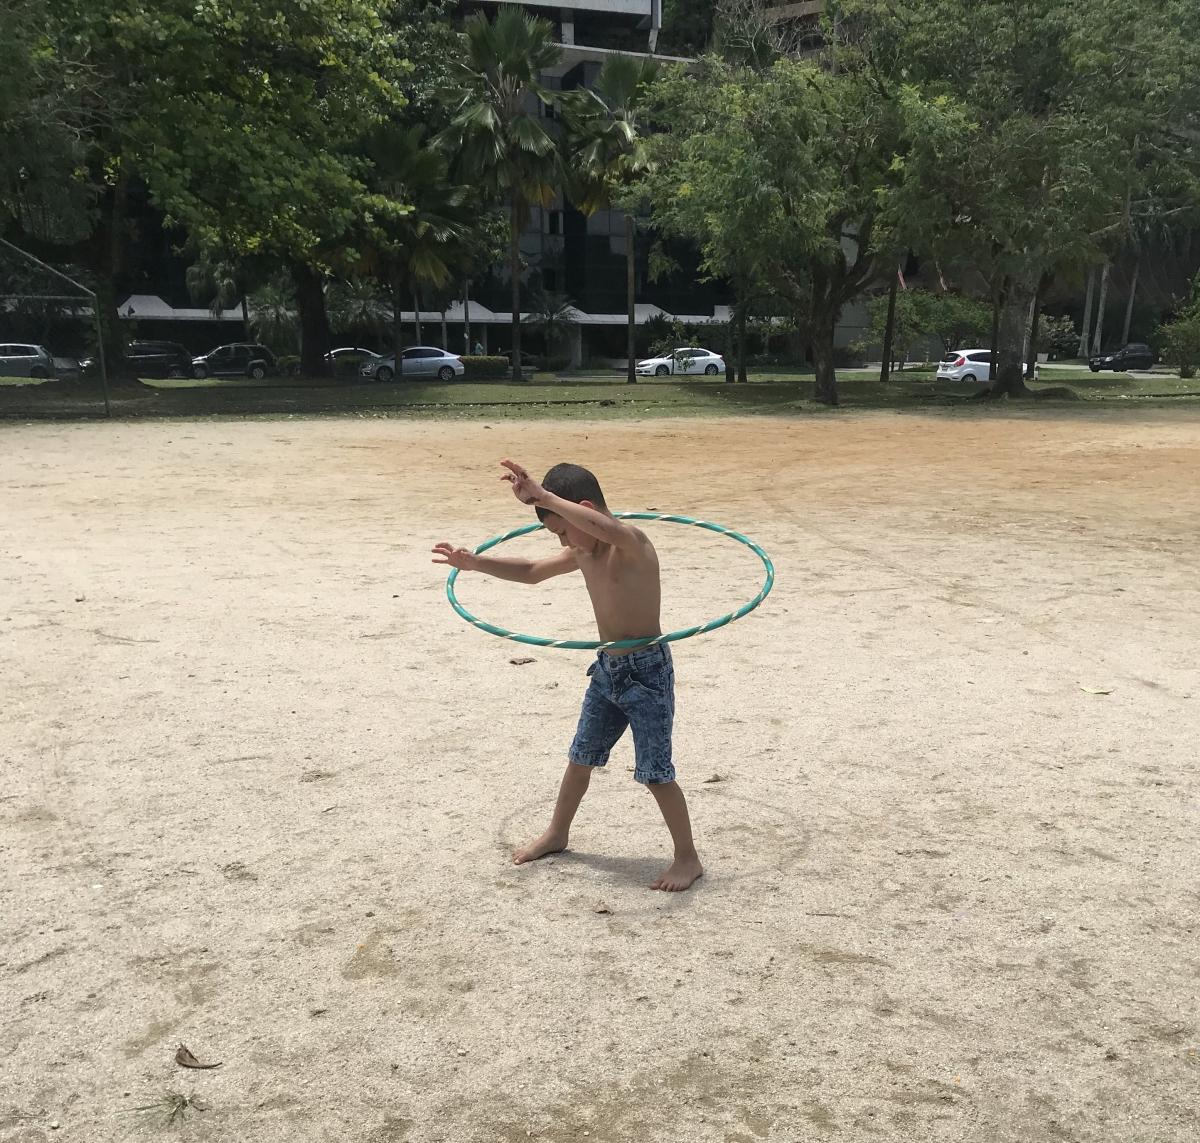 8 brincadeiras ao ar livre [Repost]